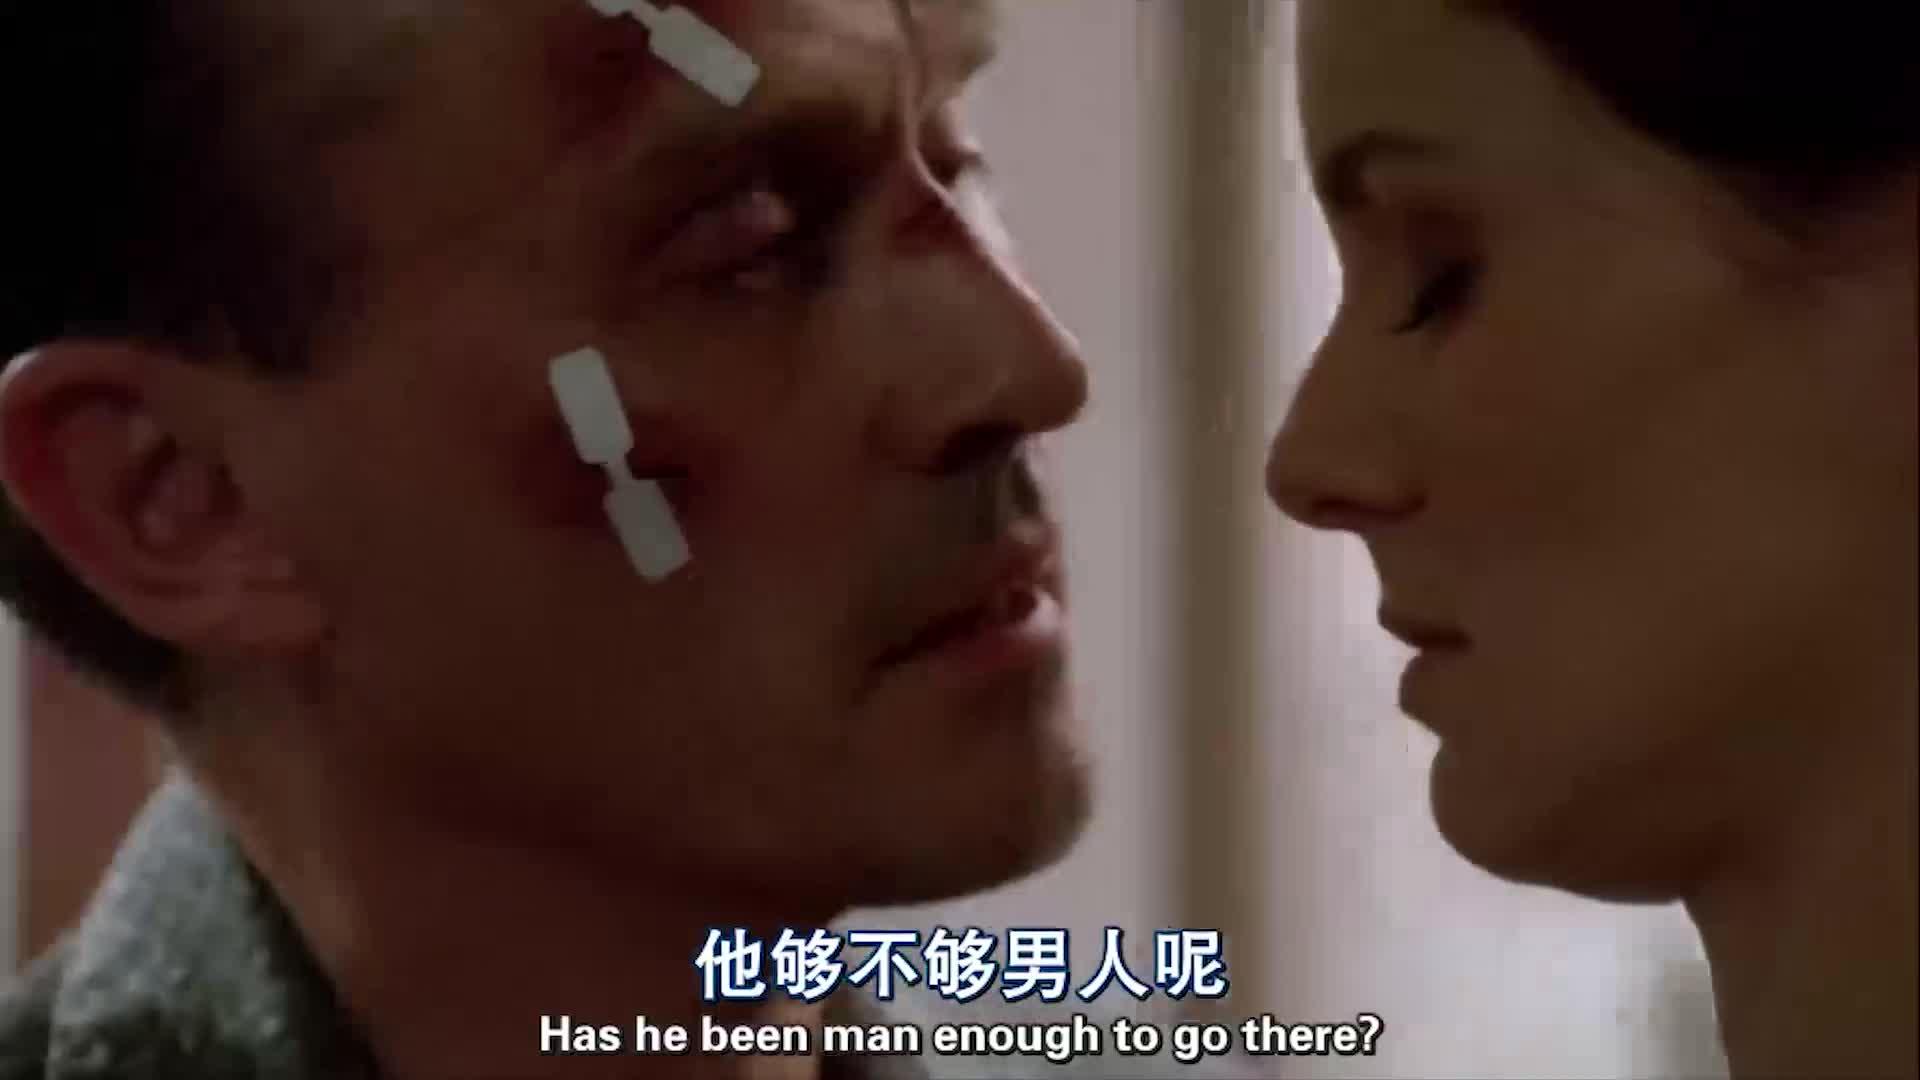 他真的是变态,竟然做出这种事,这个女人你真的敢碰吗?